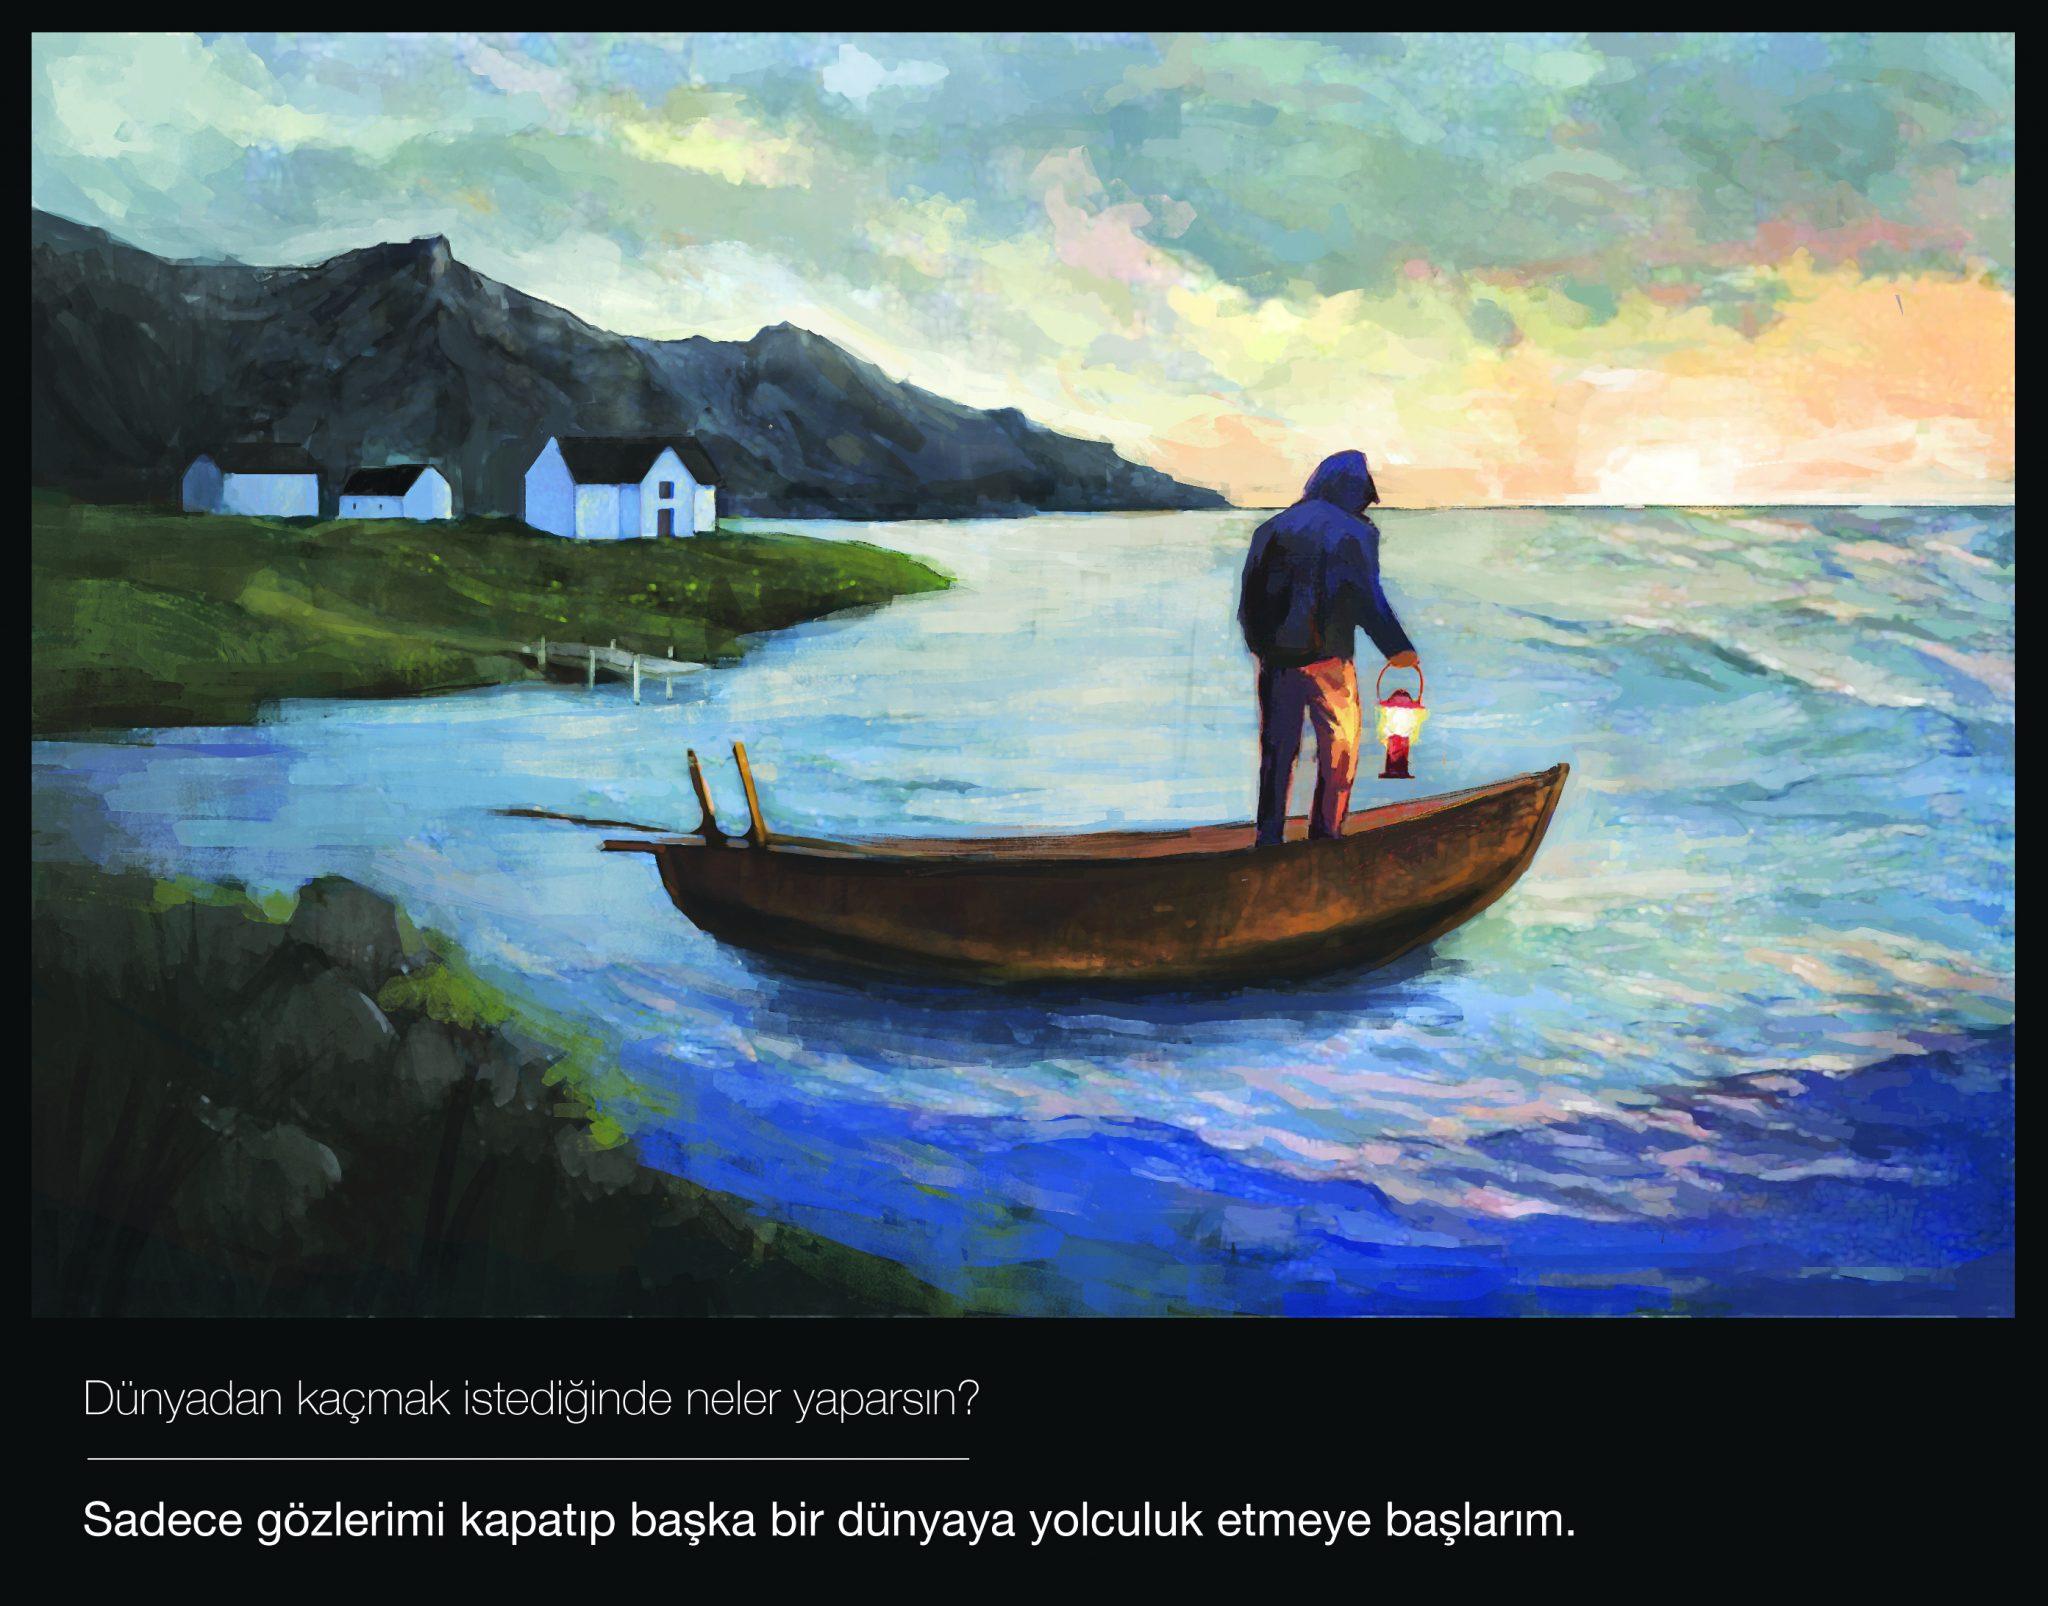 Handmade: Fatih Öztürk